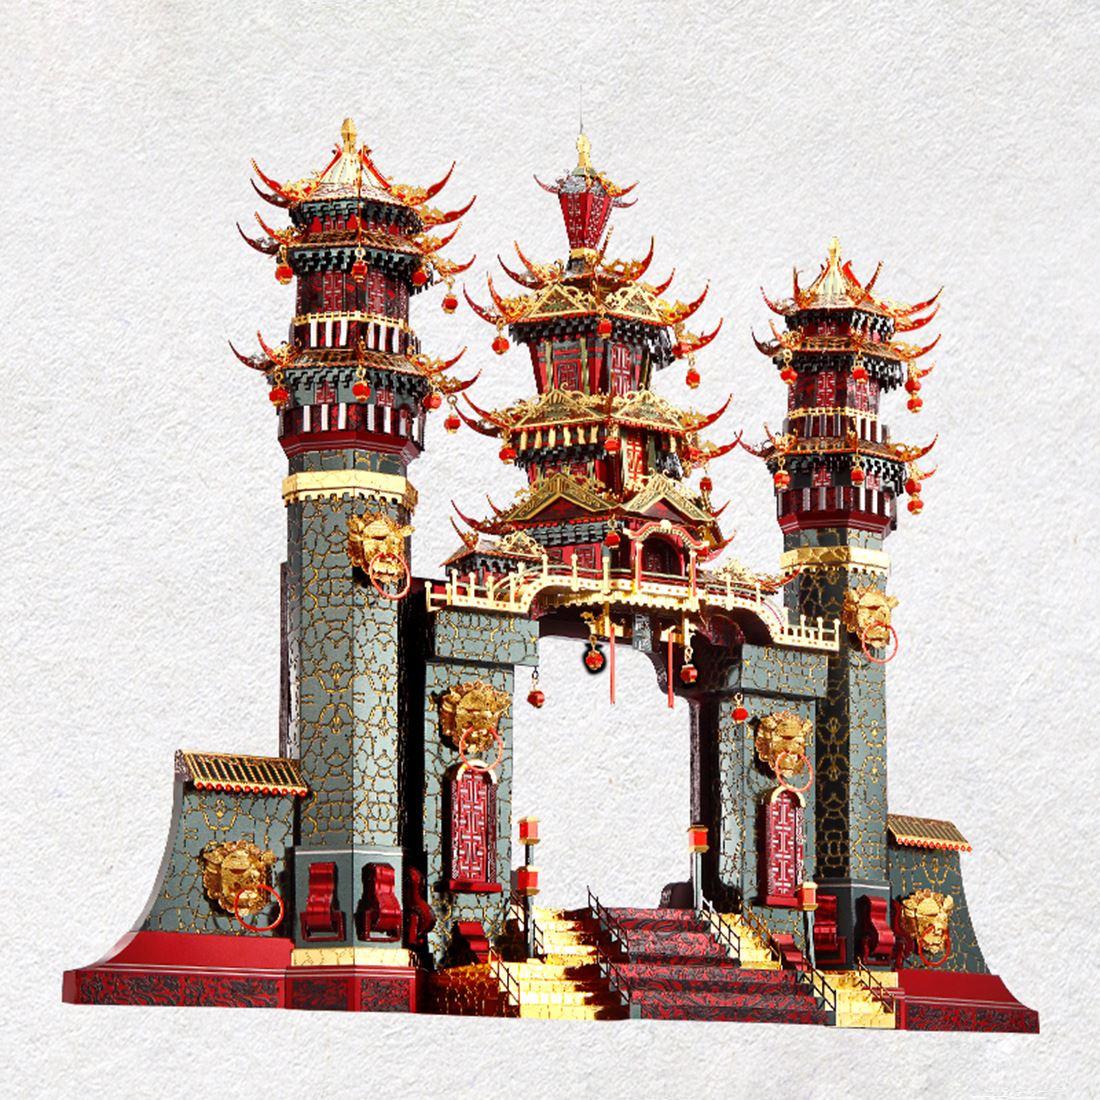 Архитектурная серия Южные ворота , модель, наборы, сделай сам, 3D металлические пазлы, сборная головоломка, игрушка, модель, обучающая игрушка, подарок для детей и взрослых - 4